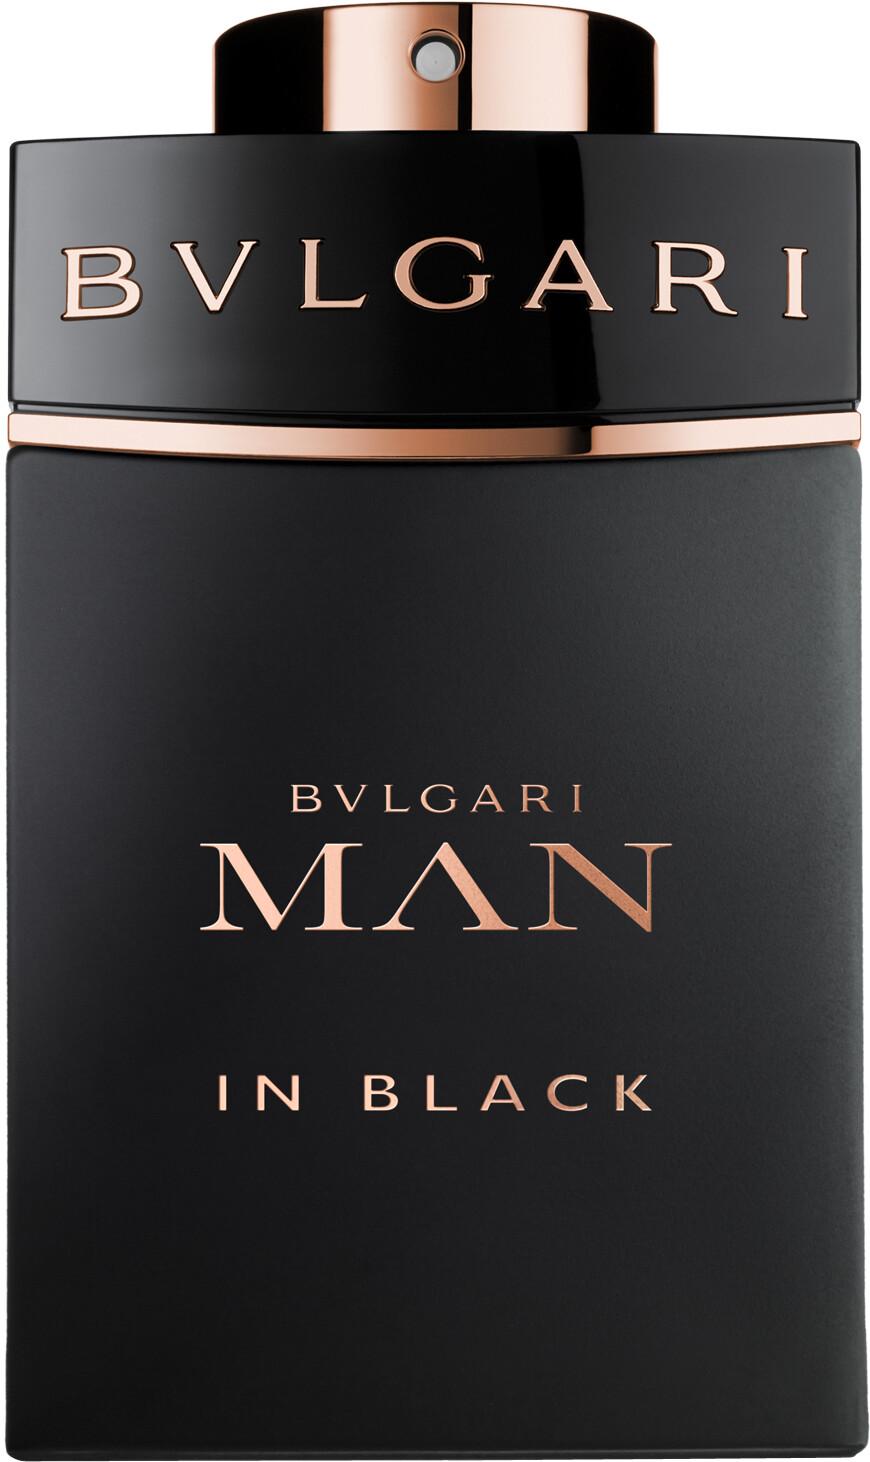 9d920f61a05 ... BVLGARI Man In Black Eau de Parfum Spray 100ml